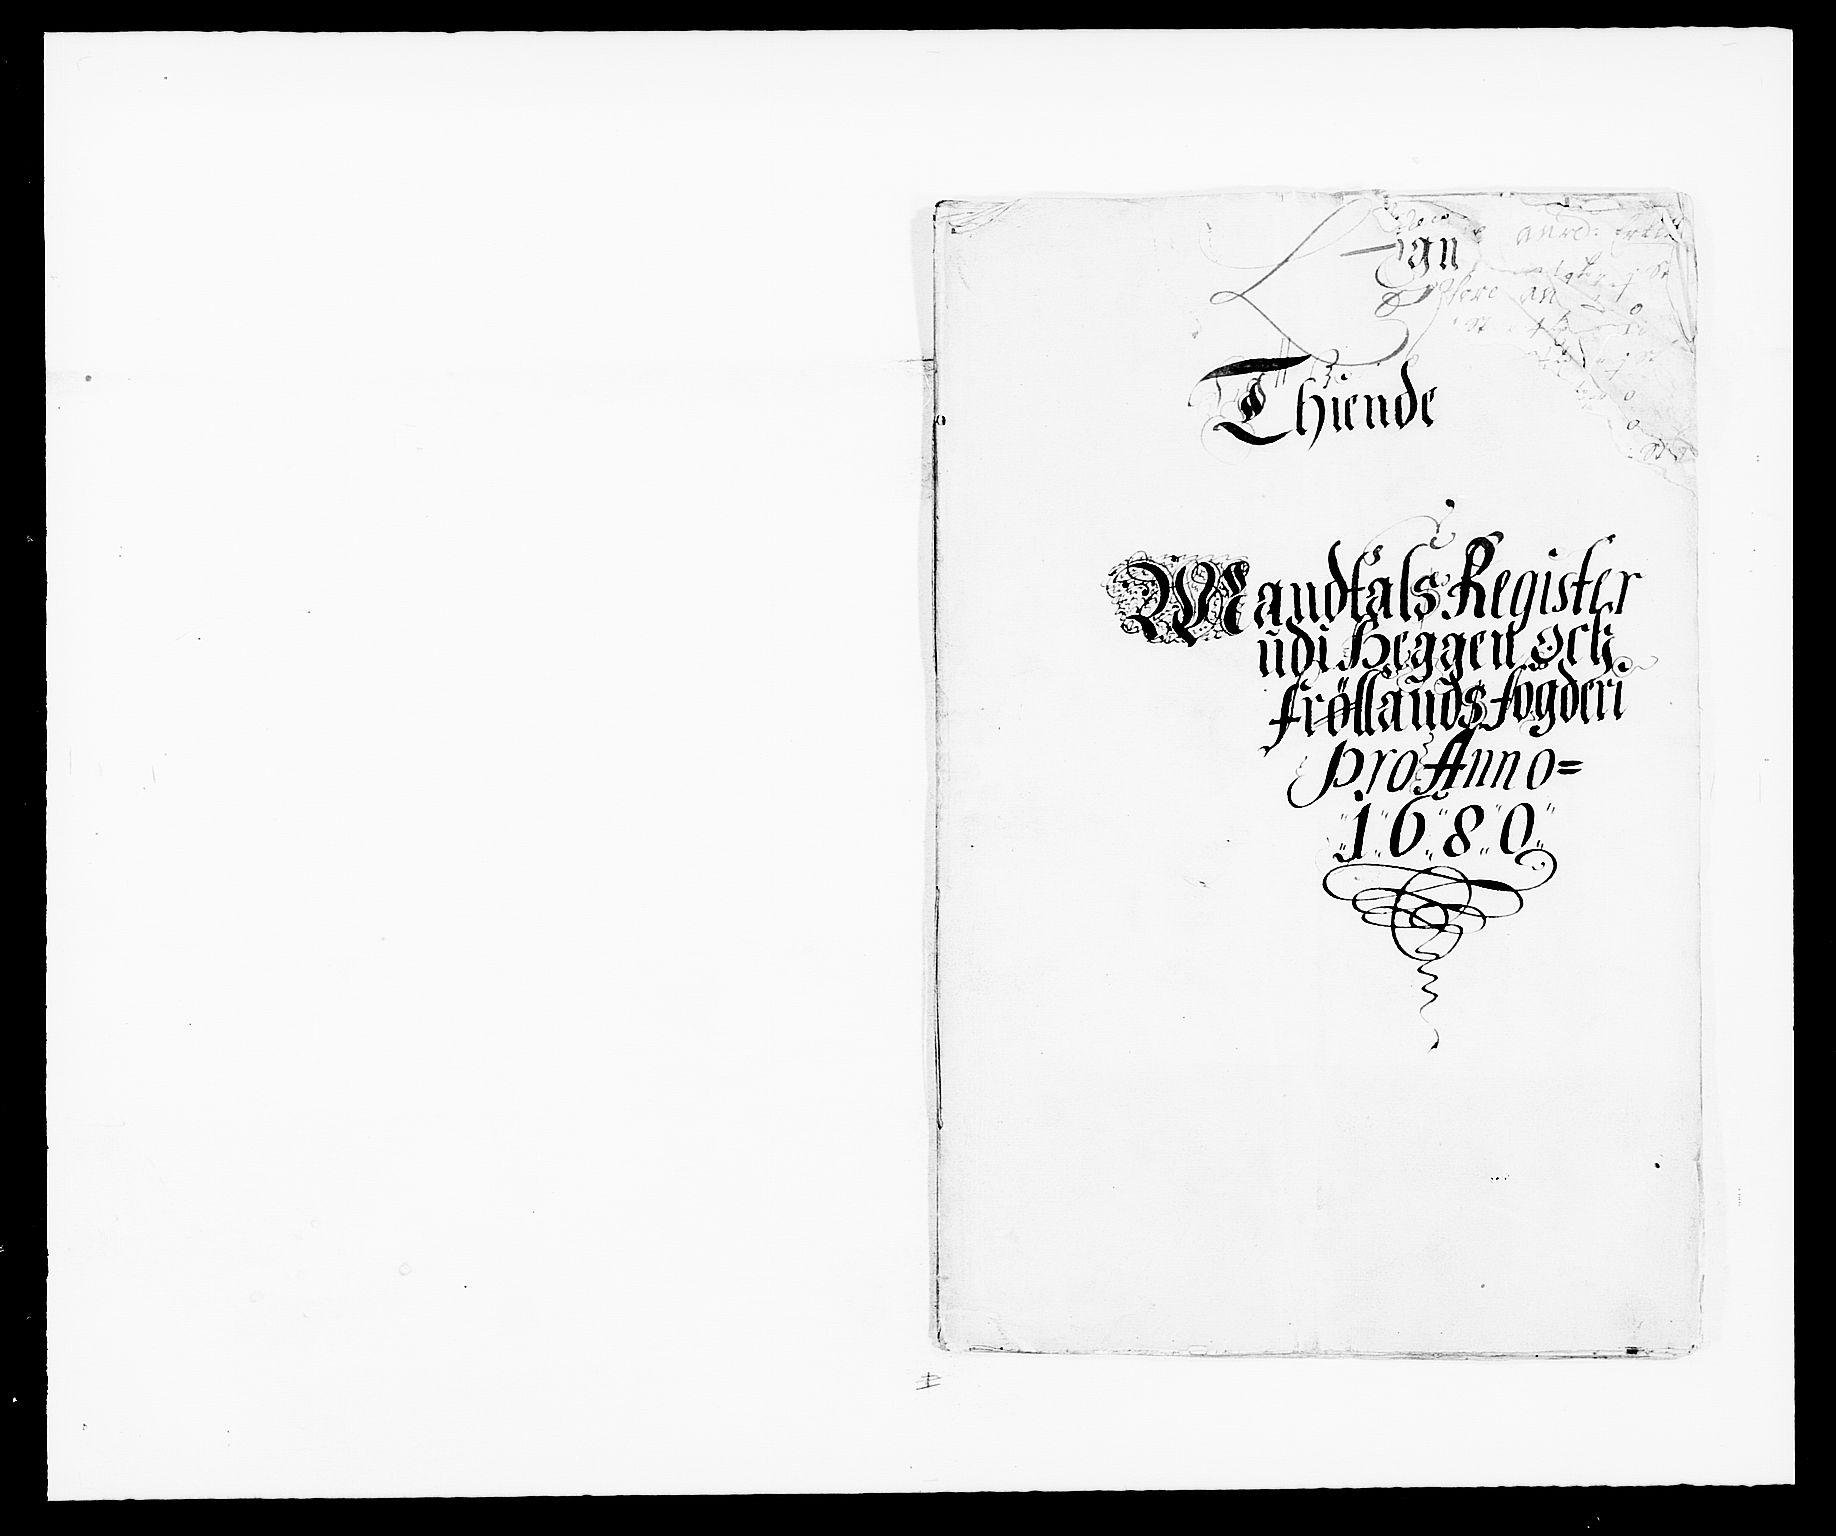 RA, Rentekammeret inntil 1814, Reviderte regnskaper, Fogderegnskap, R06/L0279: Fogderegnskap Heggen og Frøland, 1678-1680, s. 512